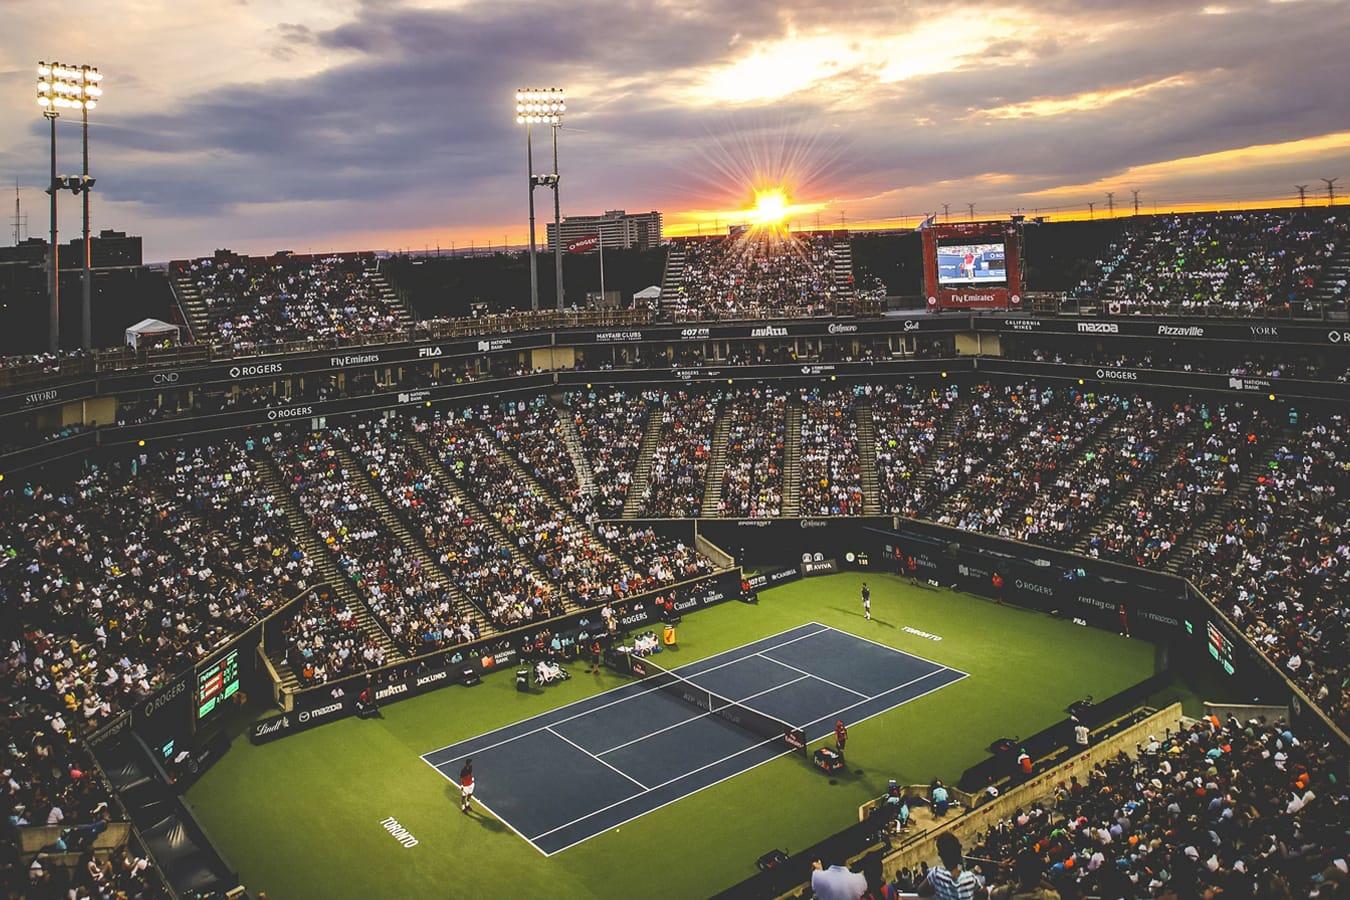 En este momento estás viendo Las principales competiciones internacionales de tenis